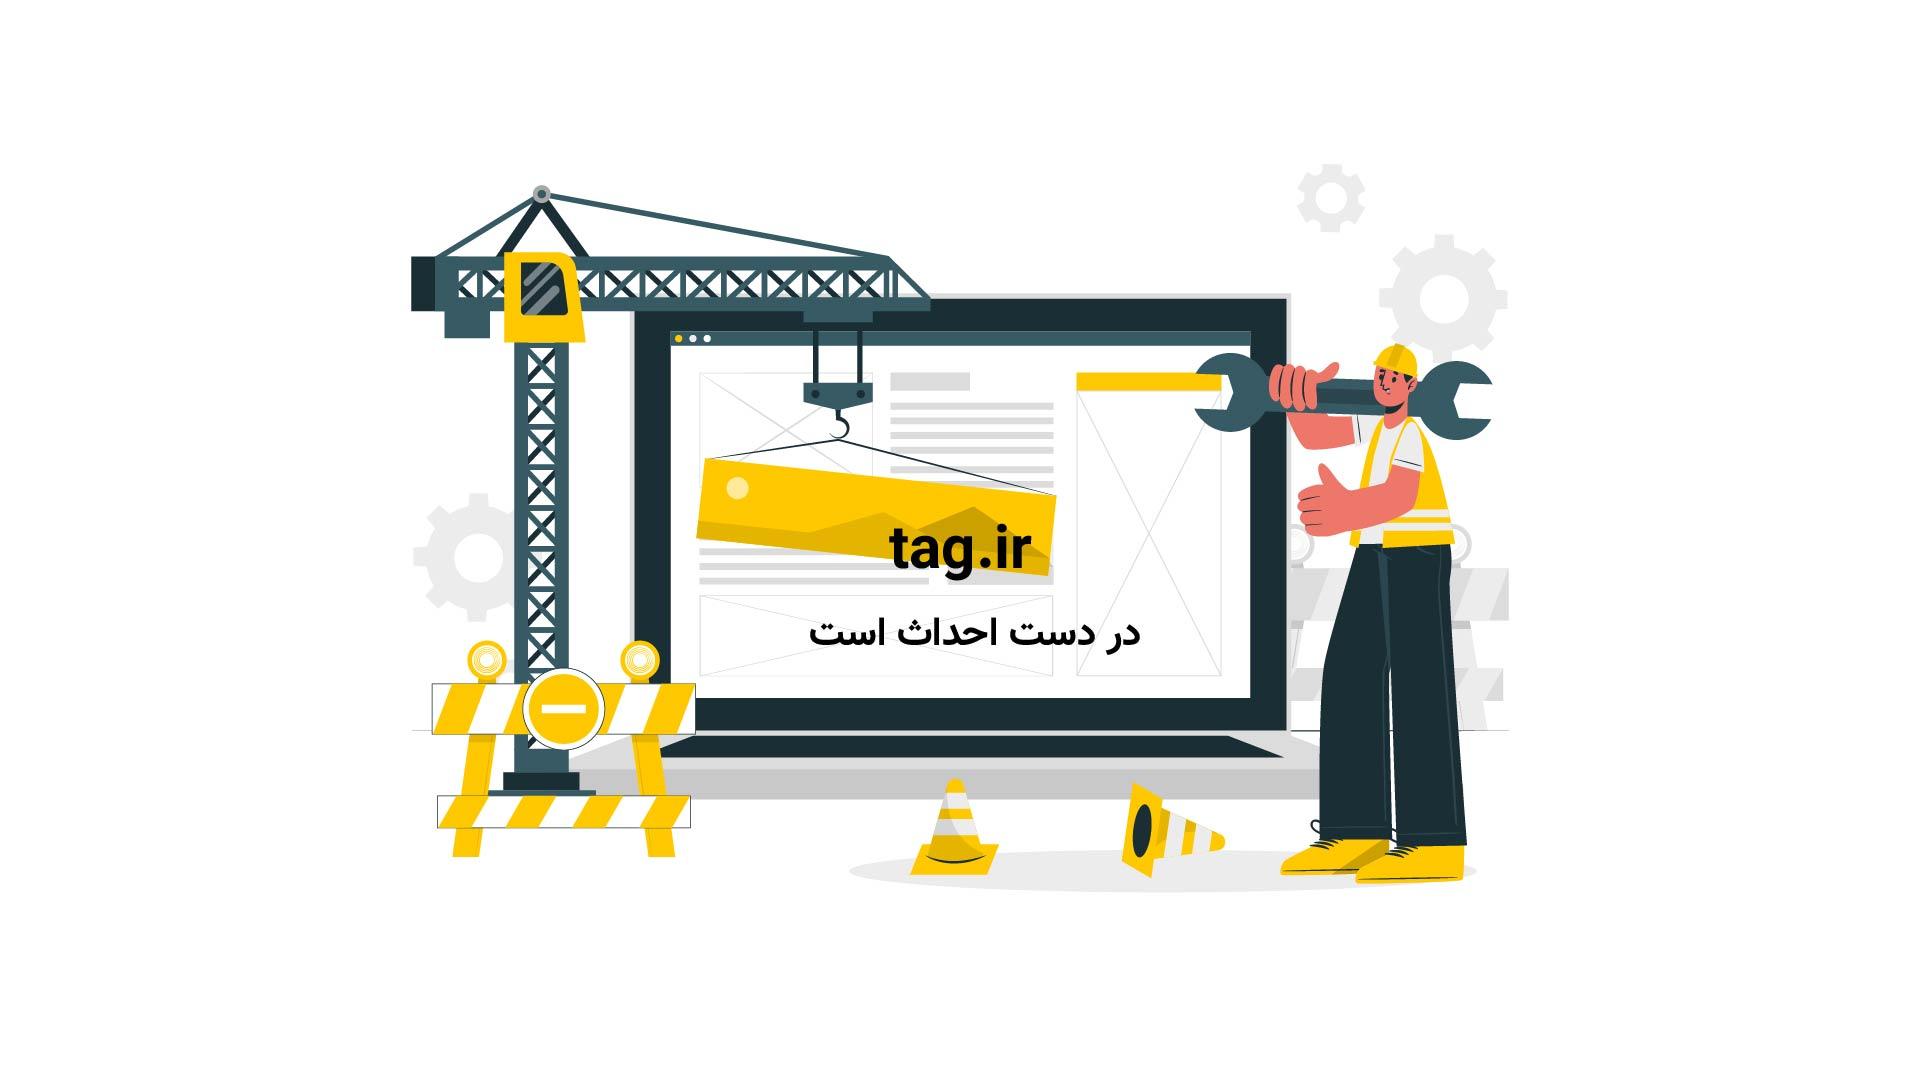 شکار حیرتانگیز بز کوهی از روی صخره توسط عقاب طلایی|تگ